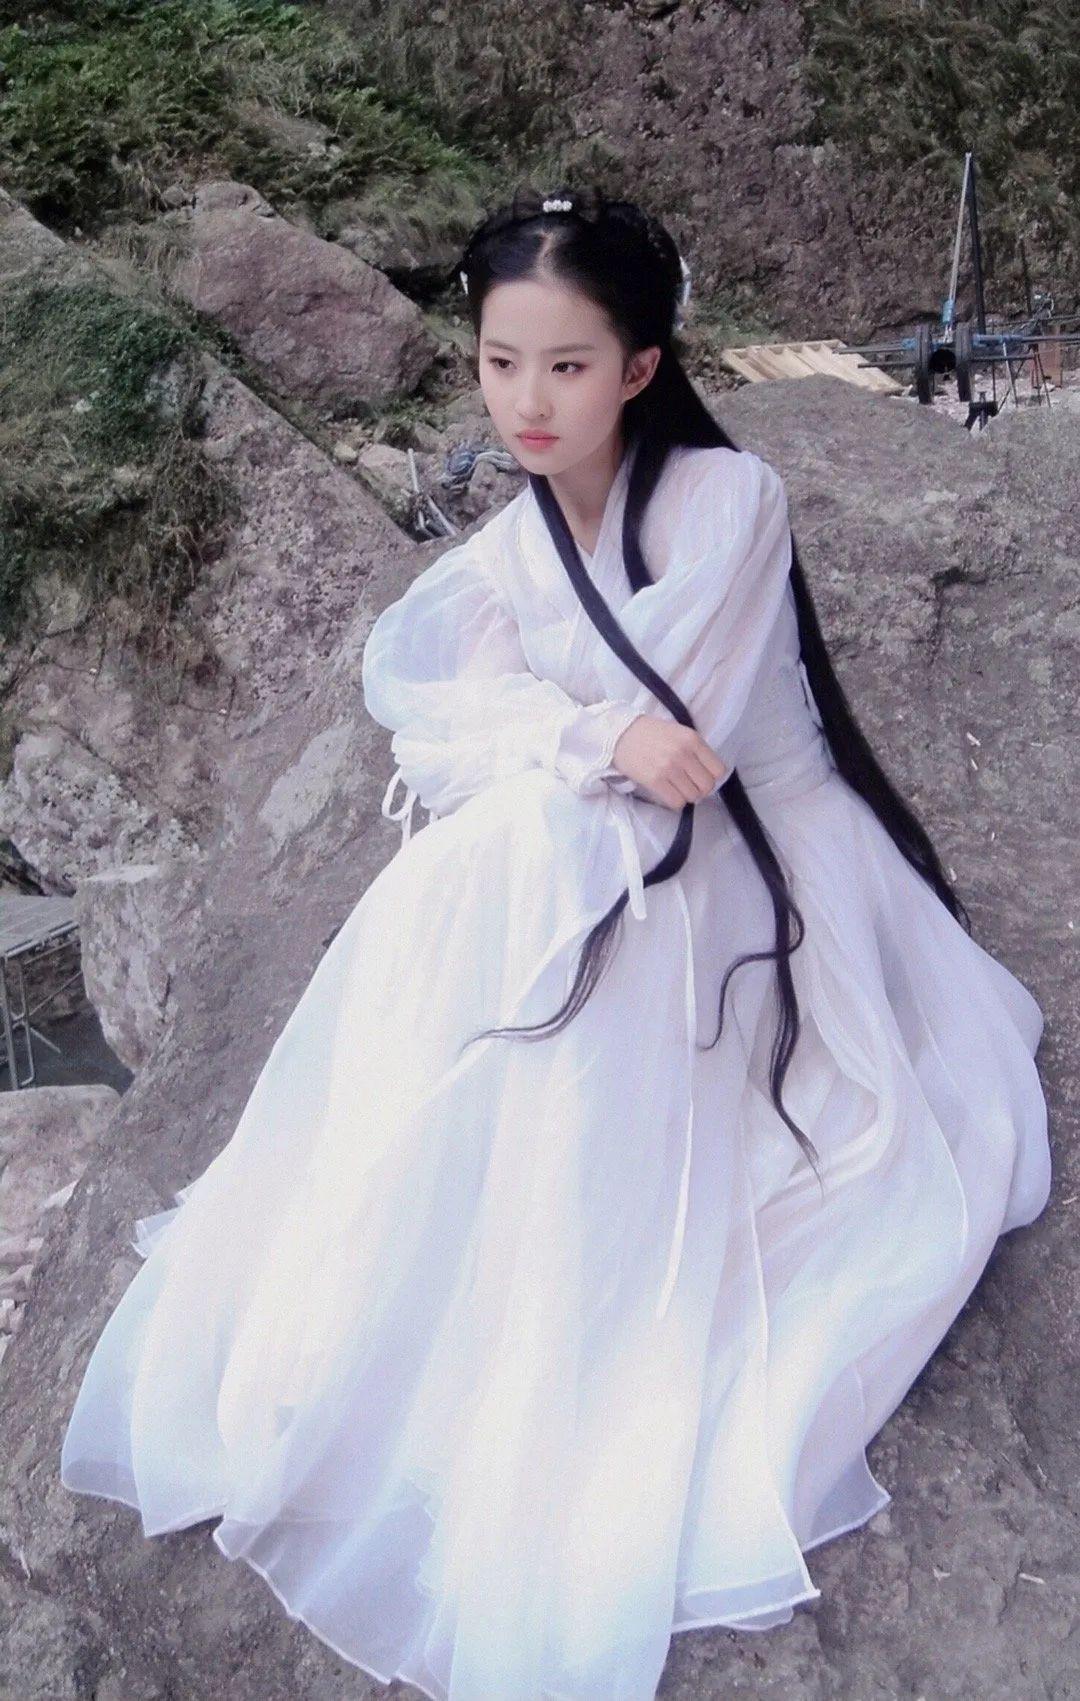 刘亦菲小龙女美图,这就是神仙姐姐的美貌吗?_图片 No.8